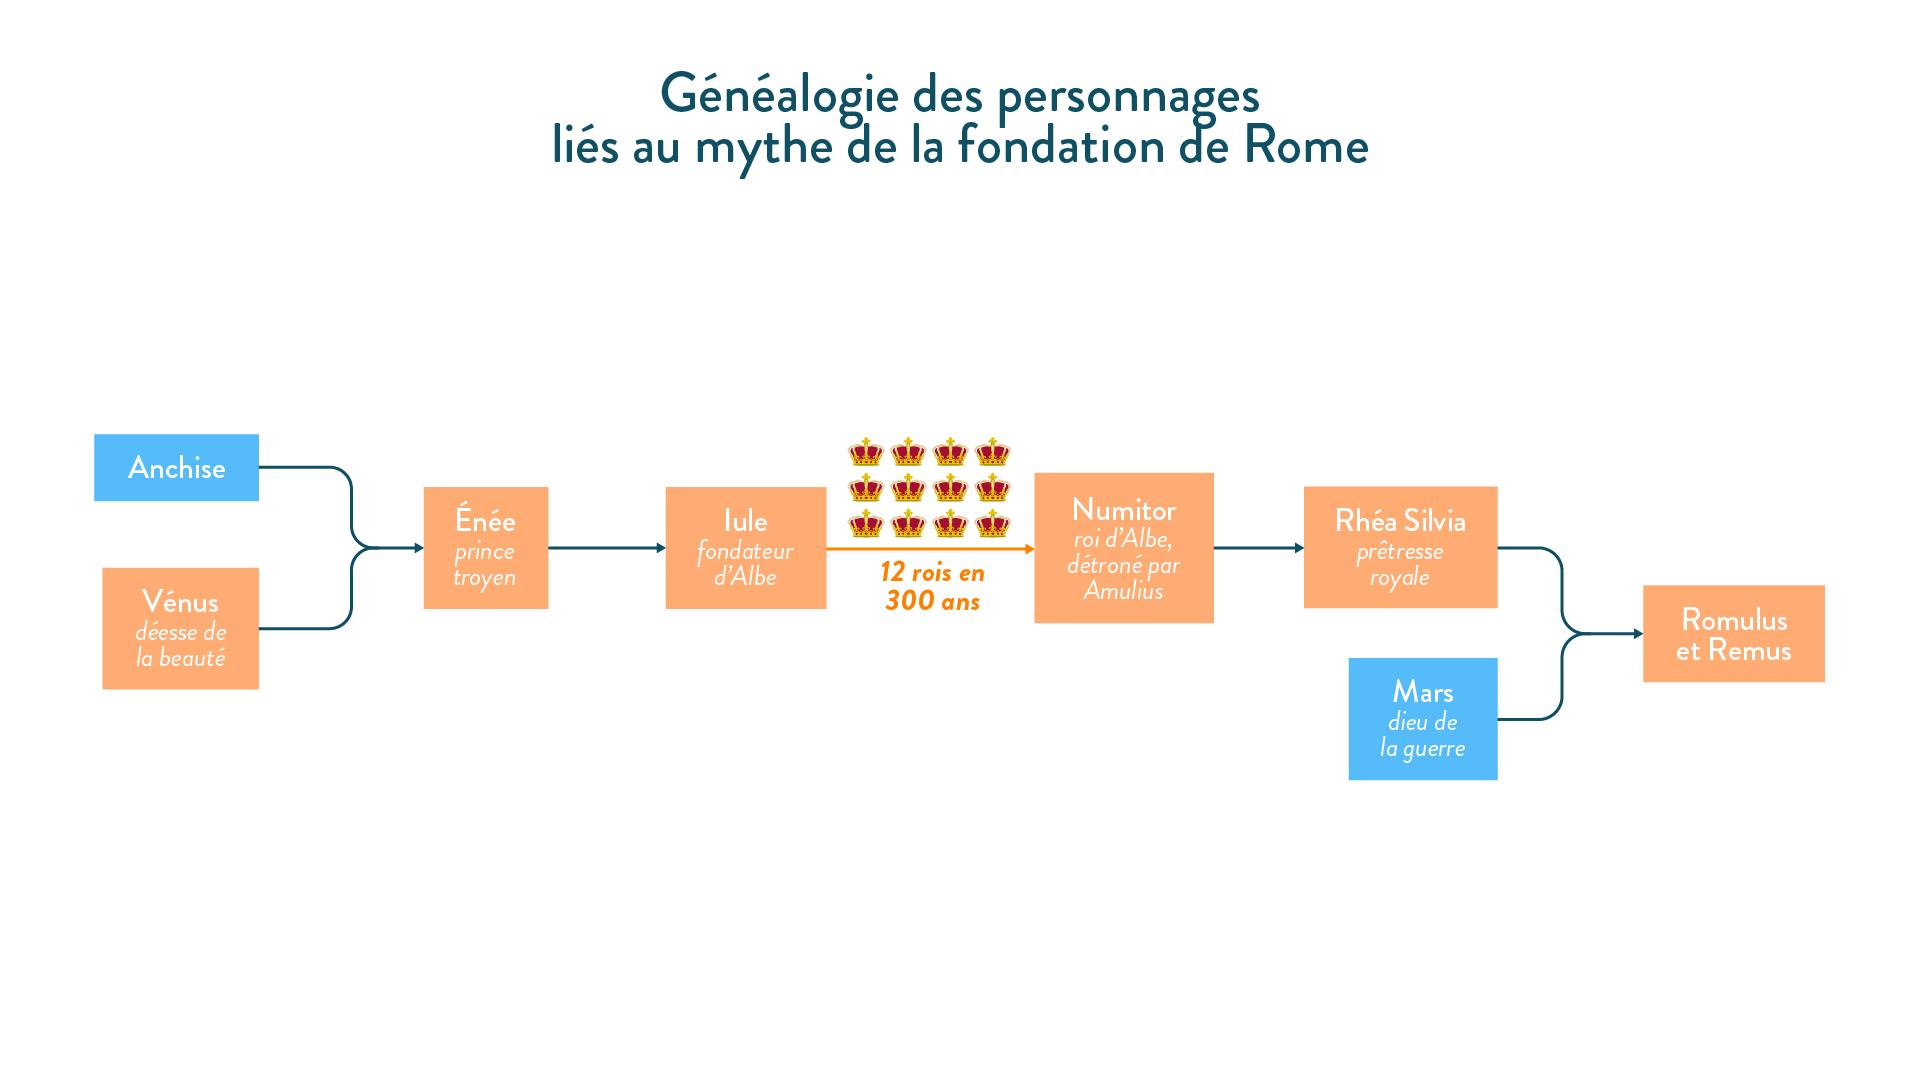 Généalogie des personnages liés au mythe de la fondation de Rome-histoire-6e